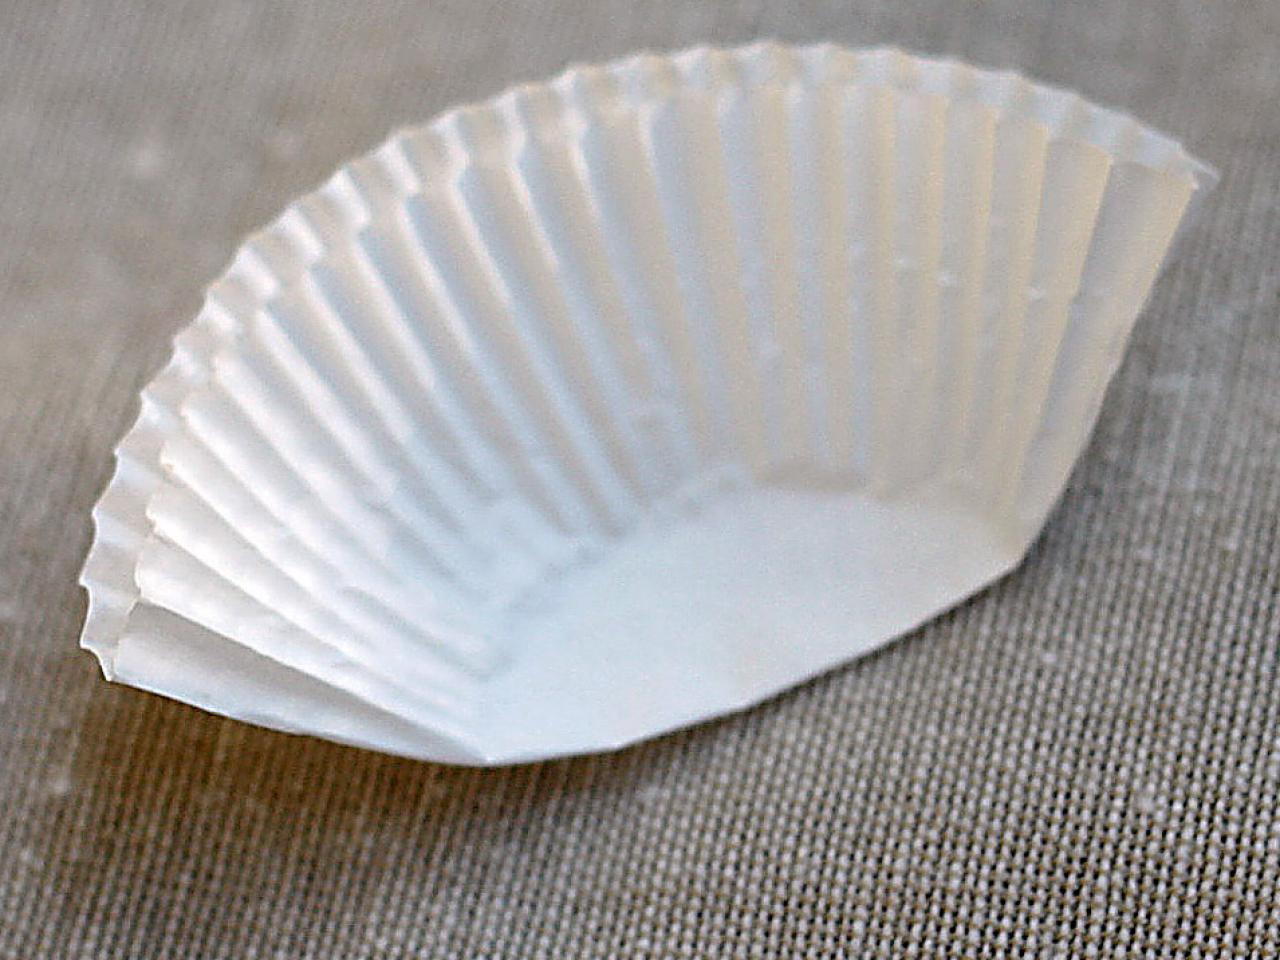 ci-kori-clark_cupcake-liner-flower-fold-step1_s4x3-jpg-rend-hgtvcom-1280-960